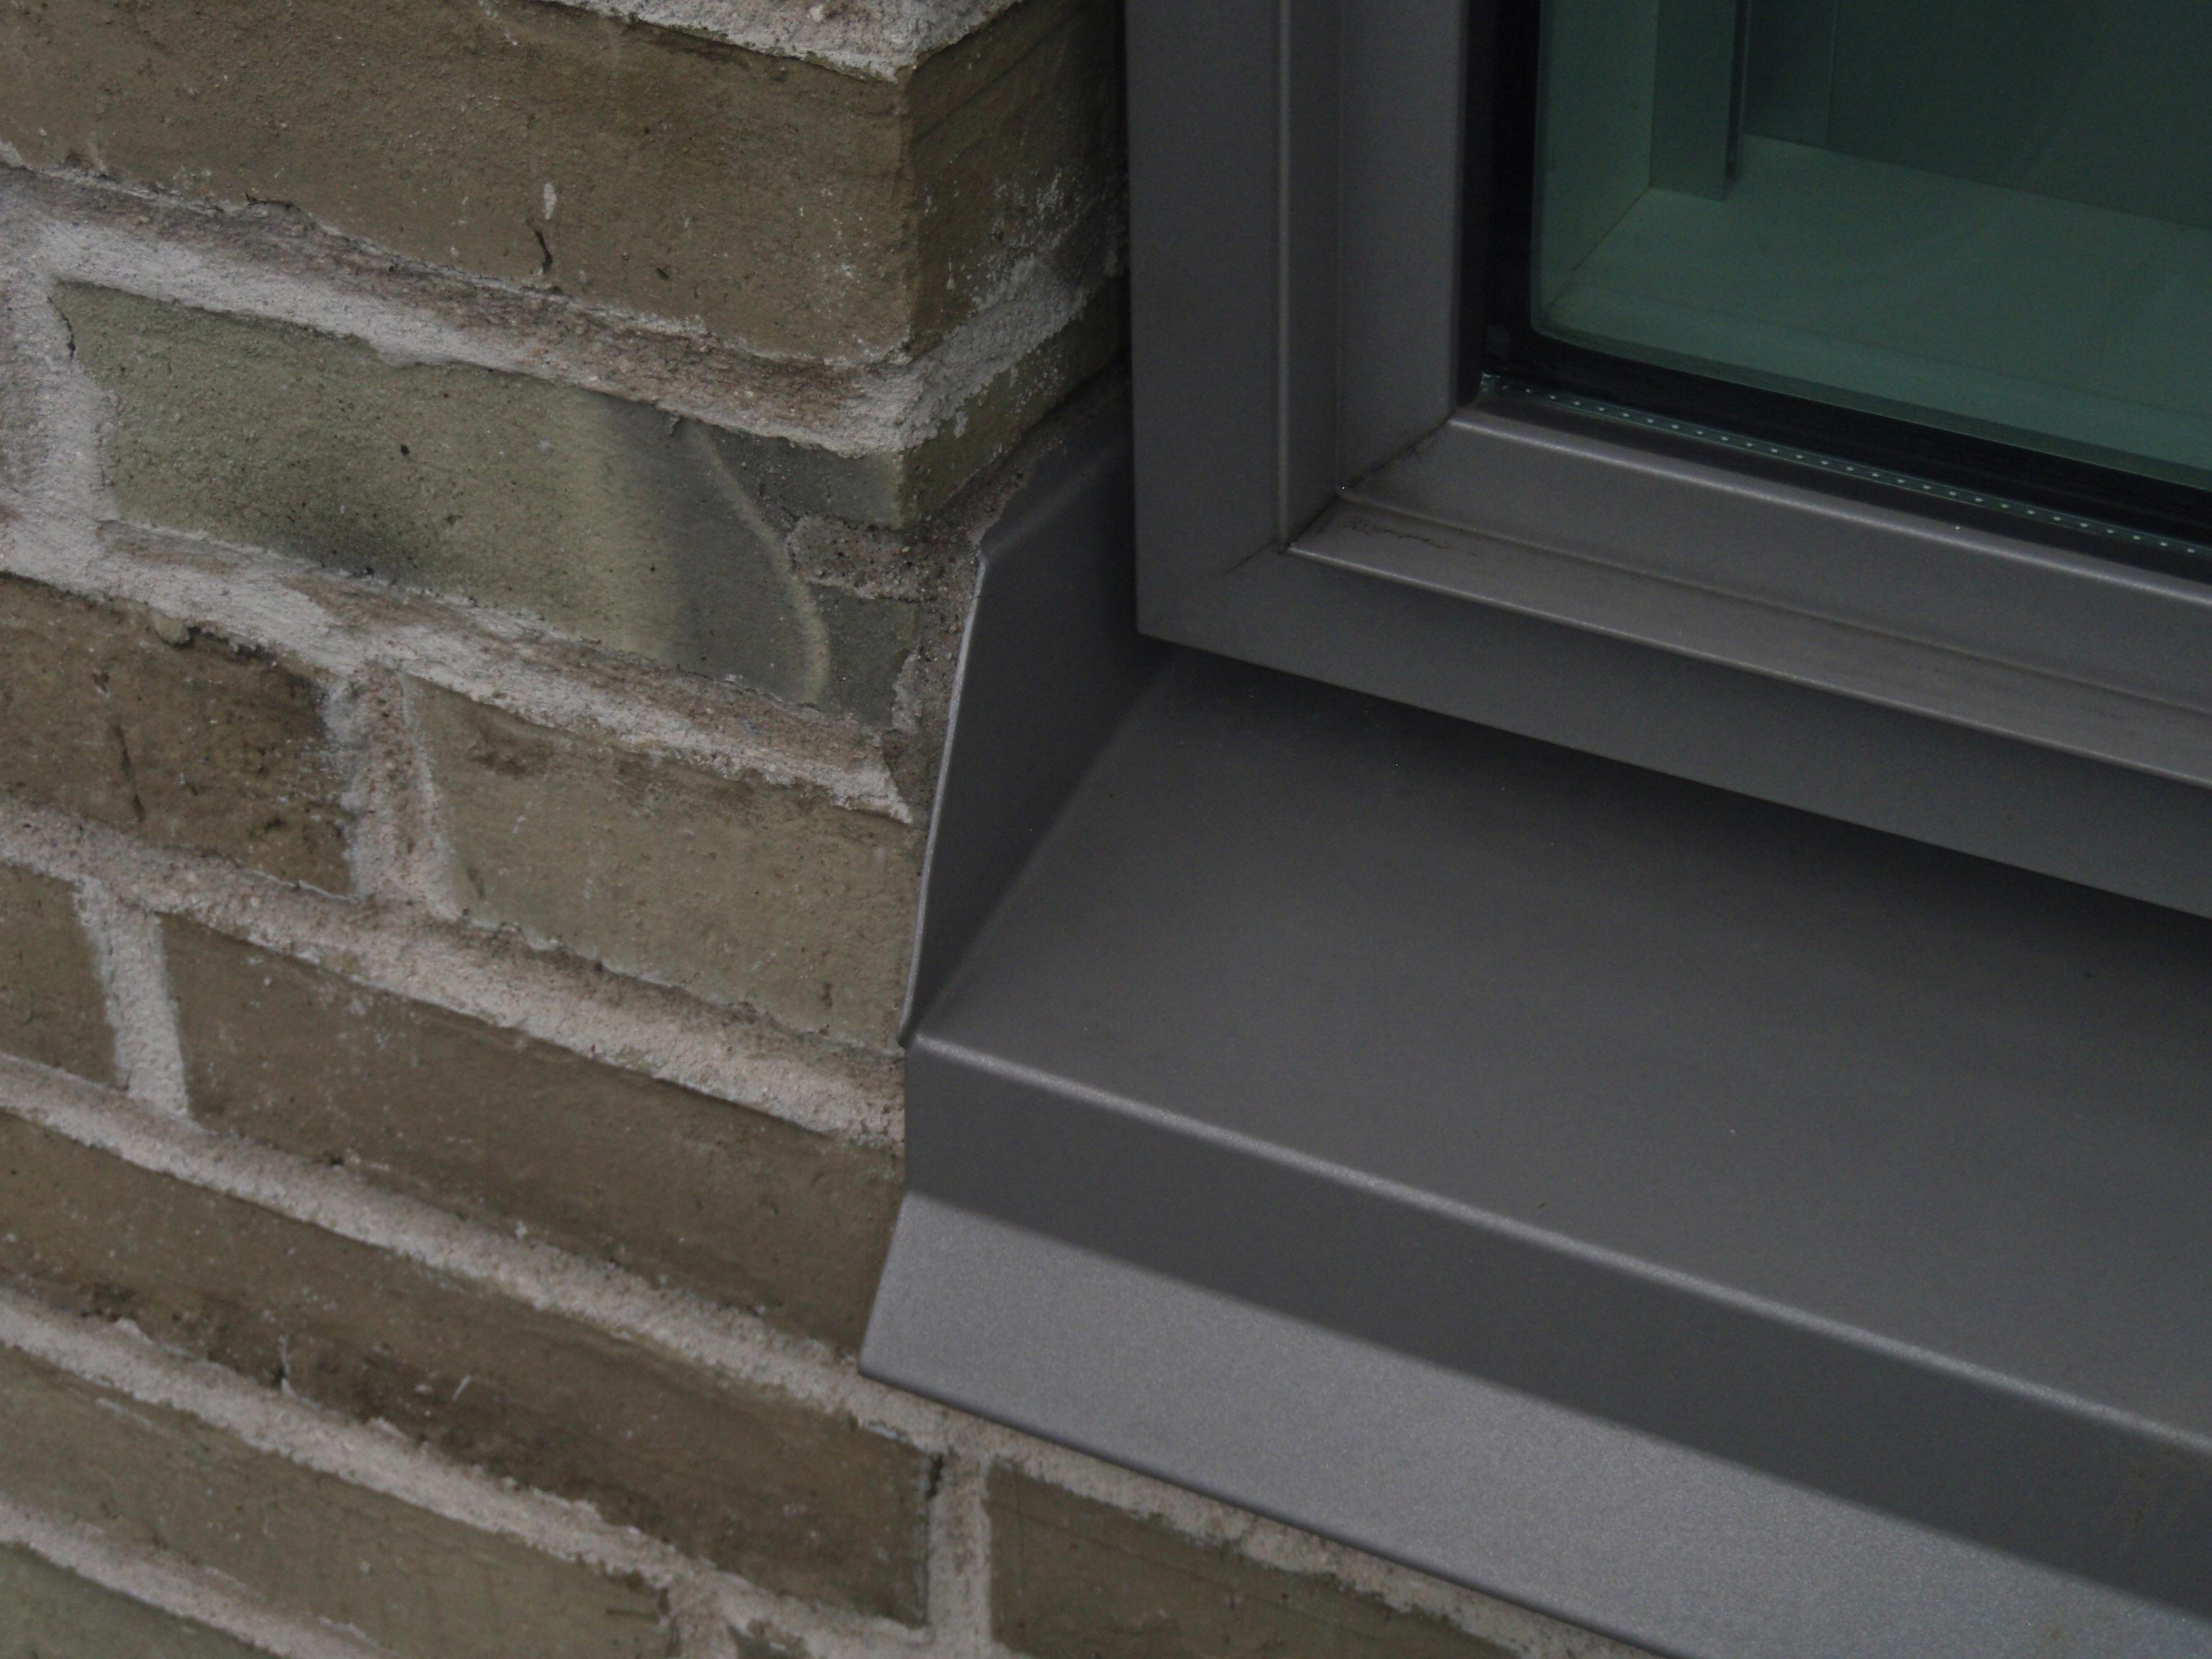 beton sålbænk